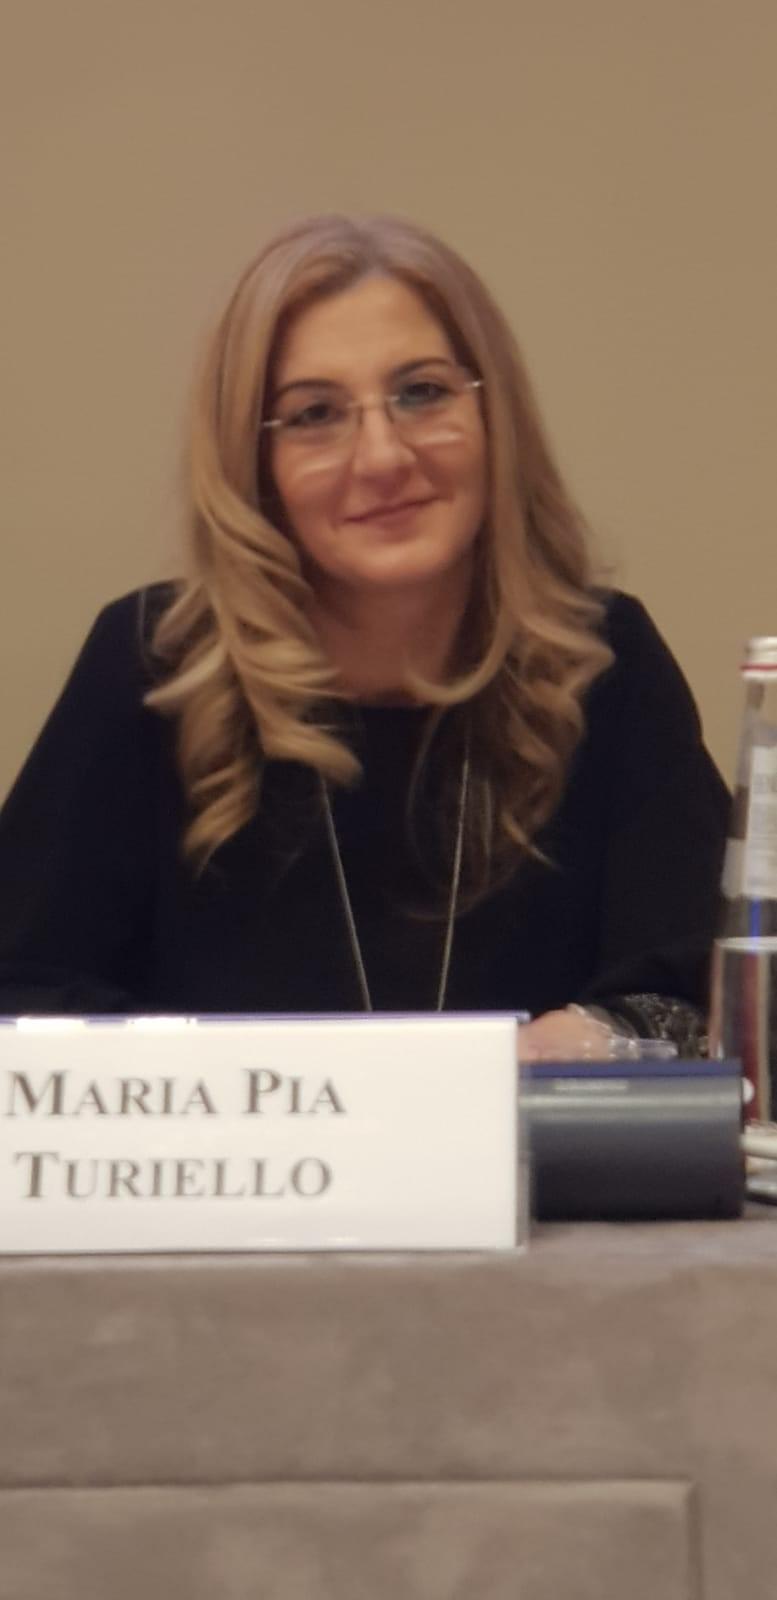 Dott.ssa Maria Pia Turiello